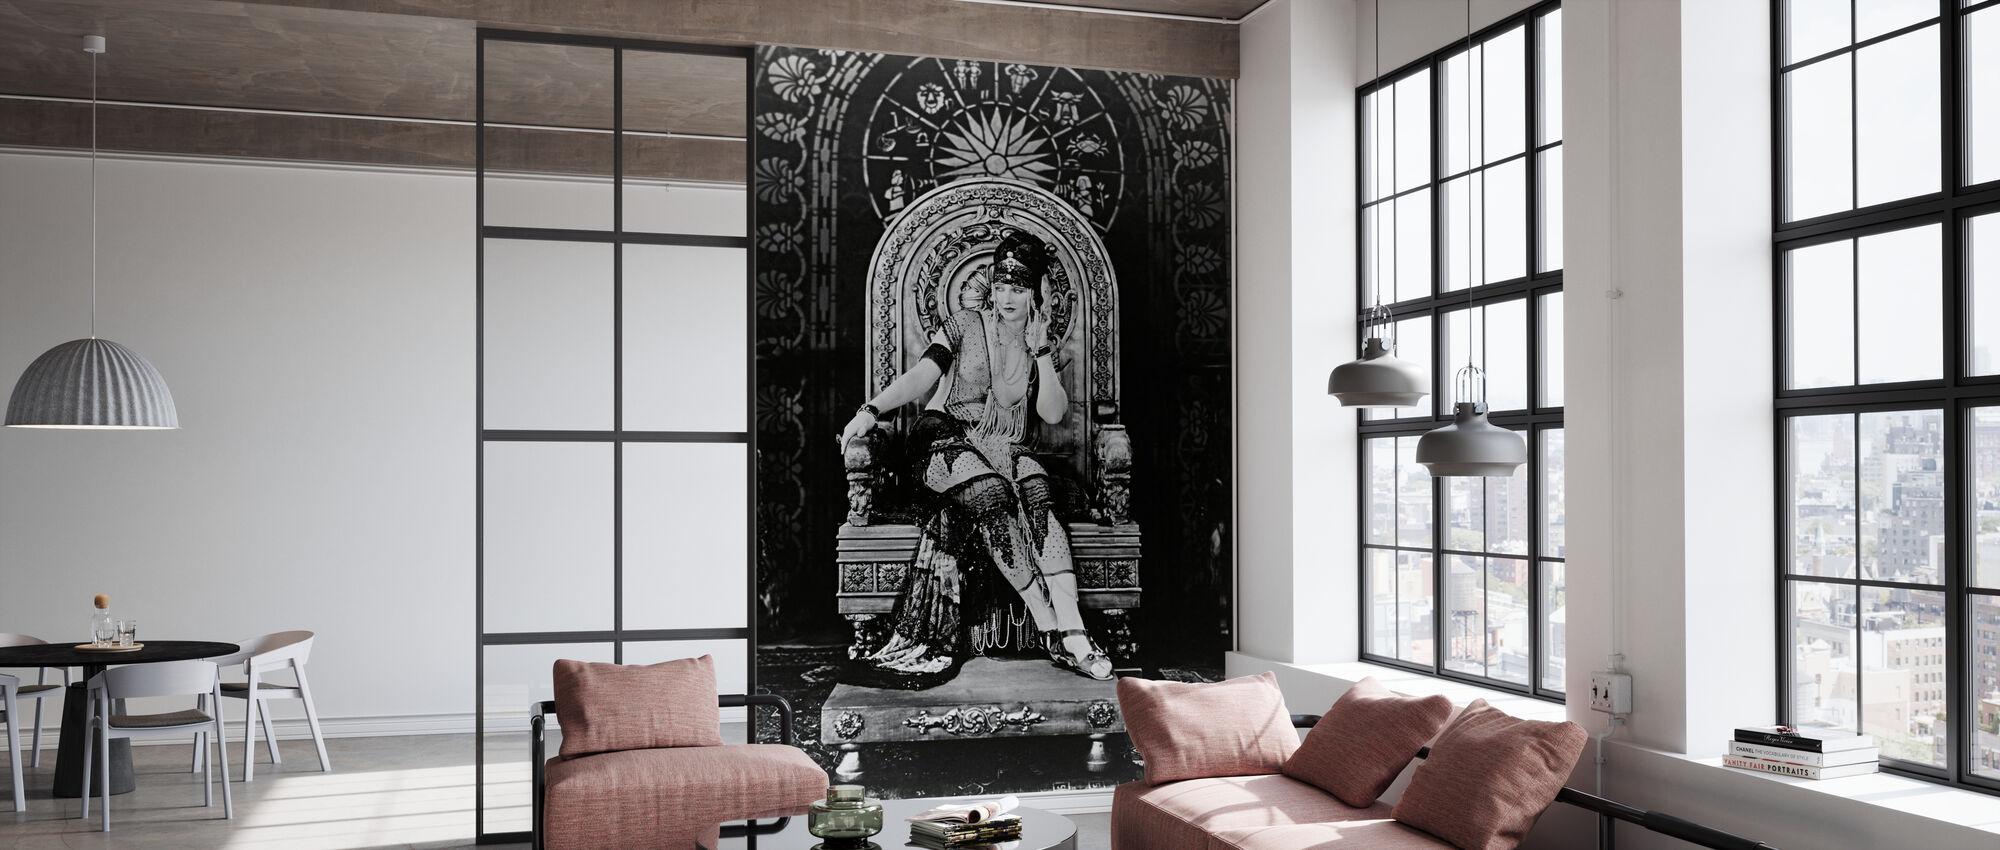 Queen - Betty Blythe - Wallpaper - Office